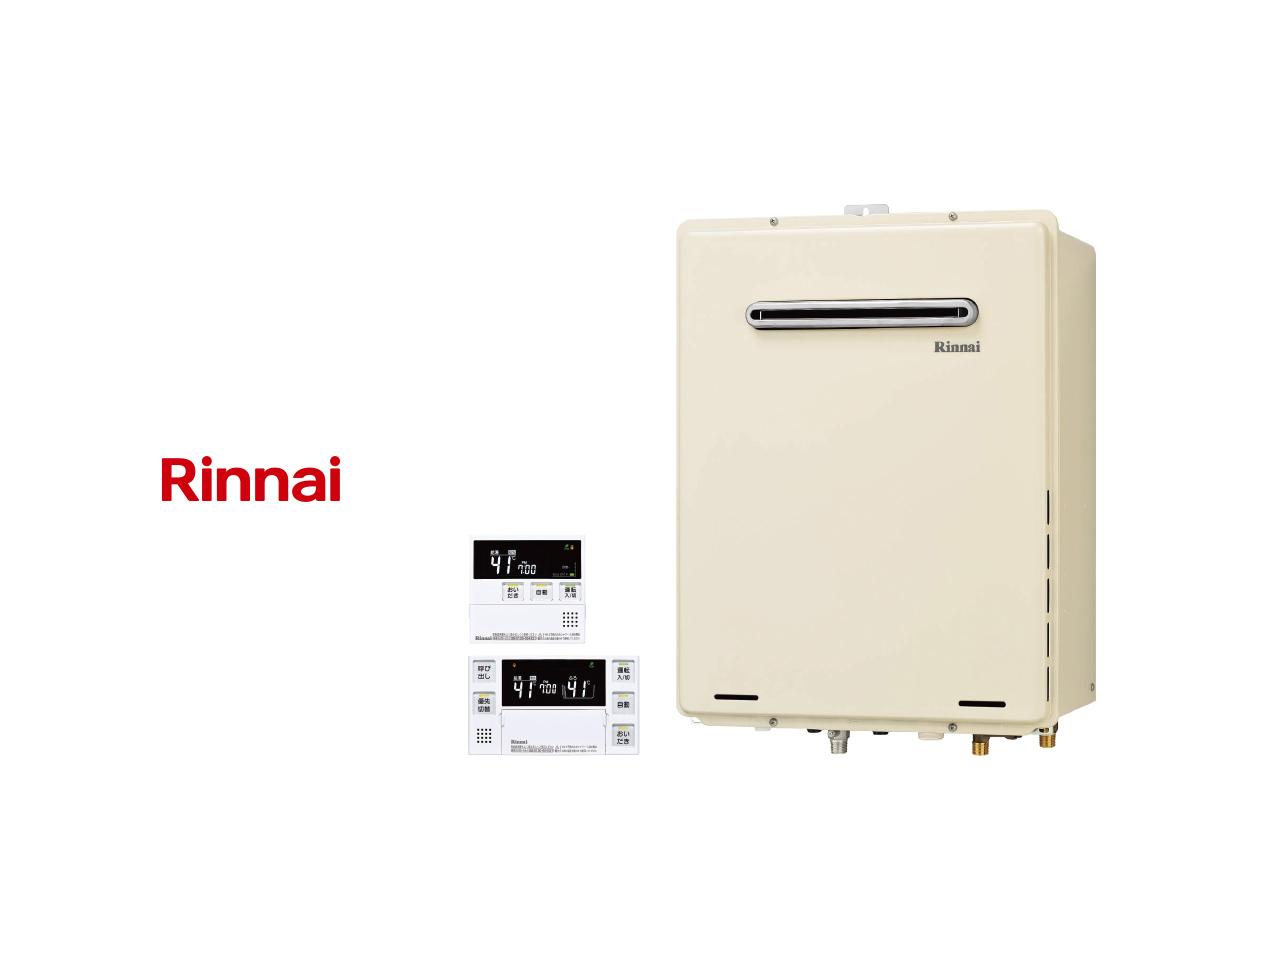 画像:Rinnai ガスふろ給湯器